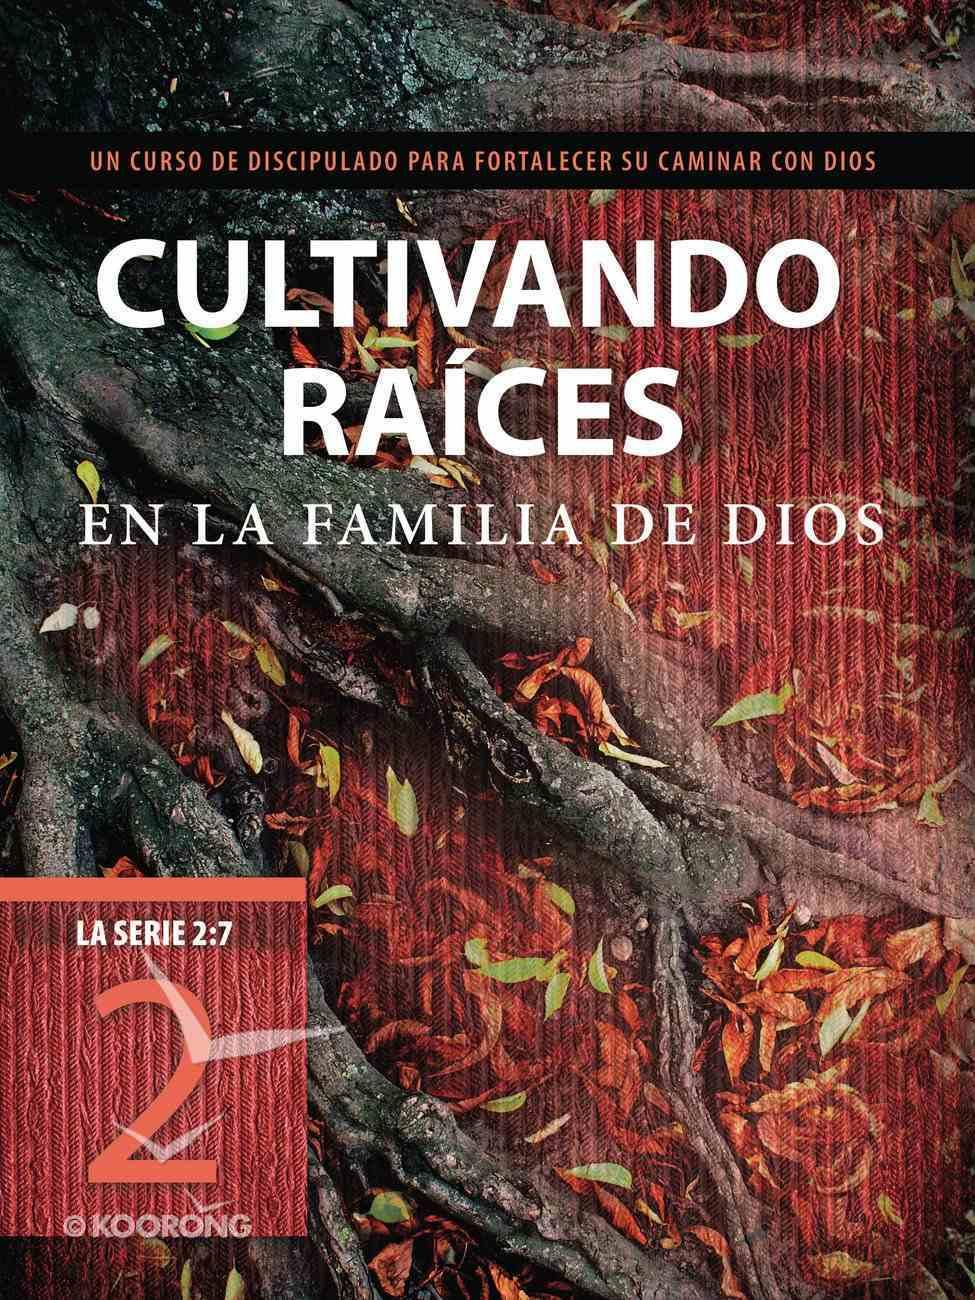 Cultivando Races En La Familia De Dios (#2 in La Serie 2: 7 Series) eBook